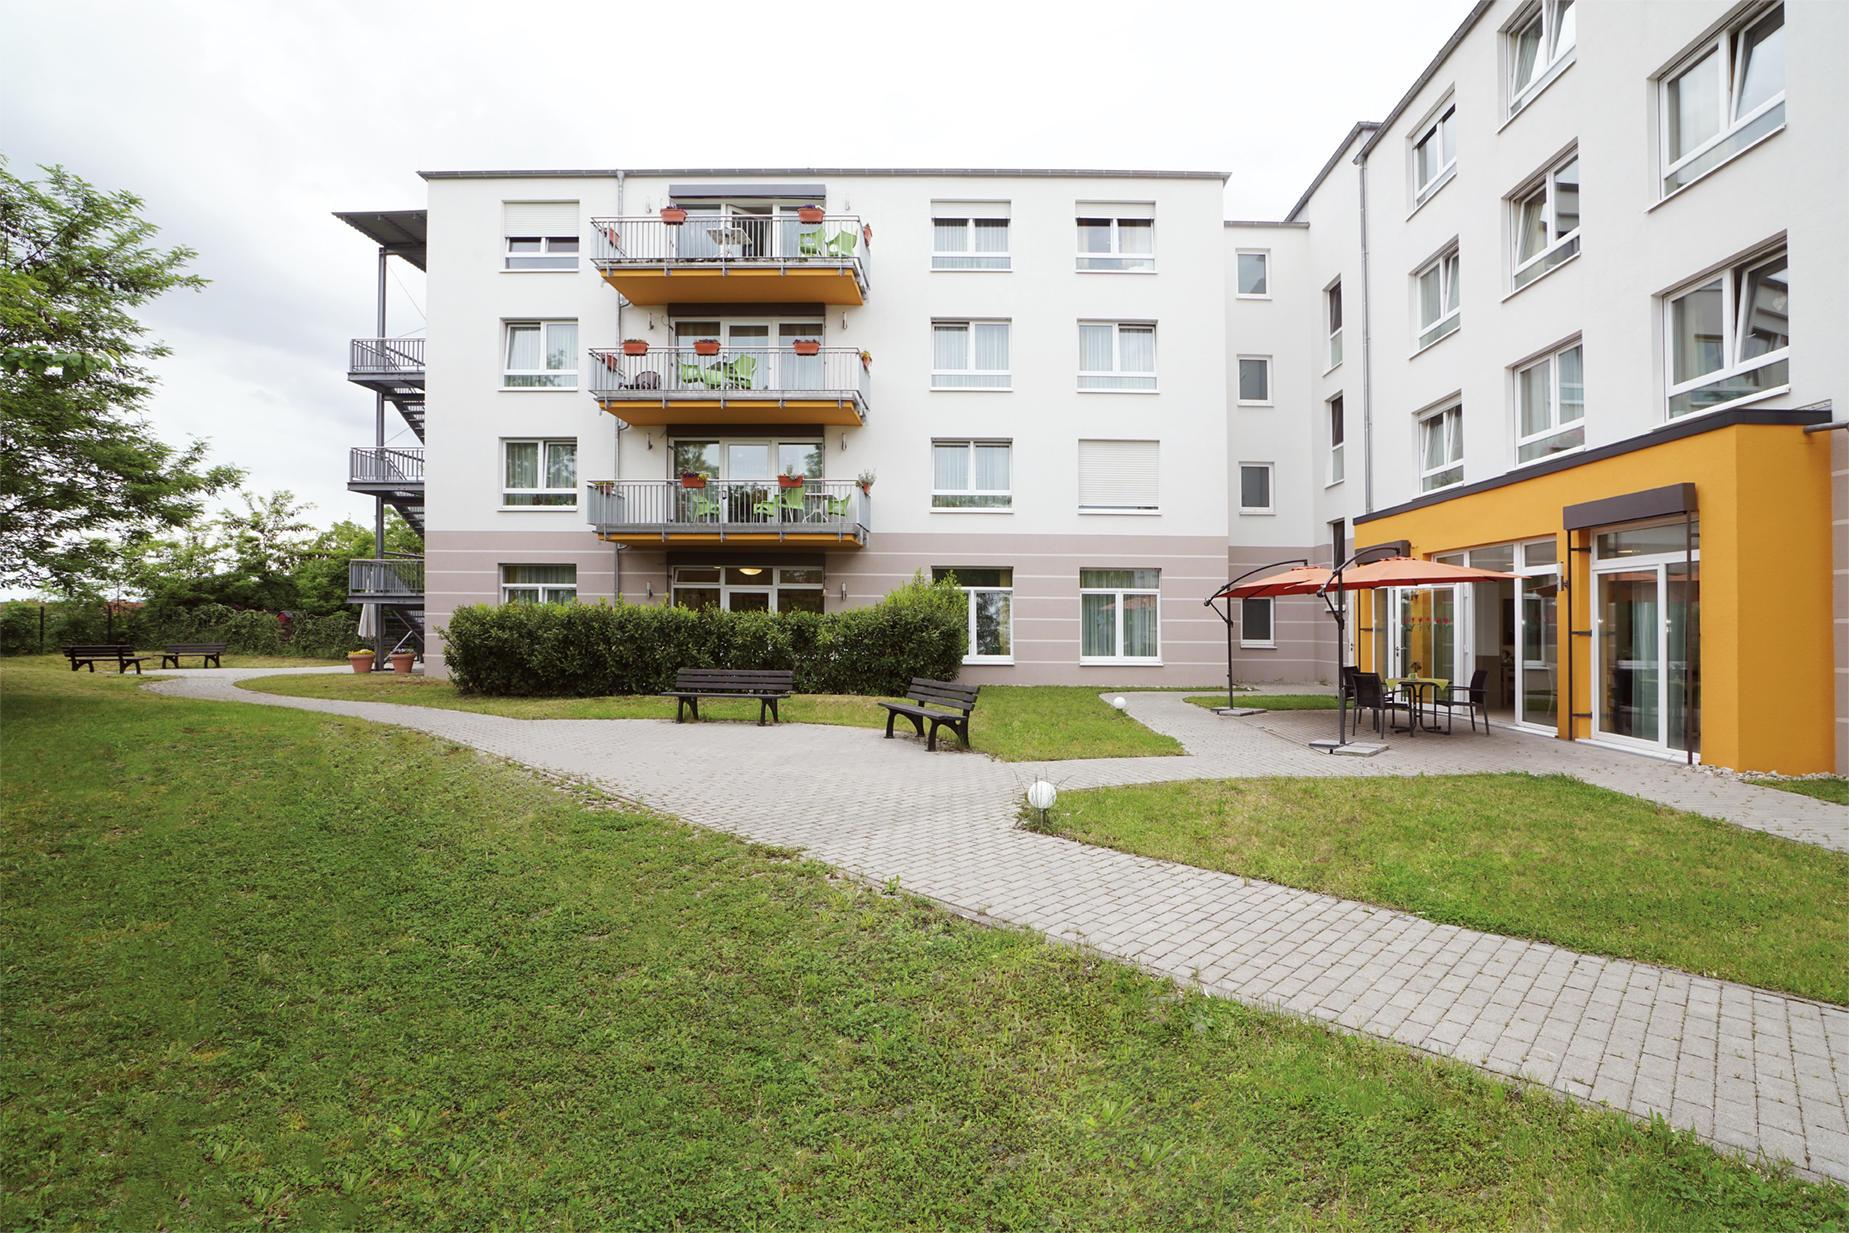 Haus Edelberg Senioren-Zentrum Saarbr�cken